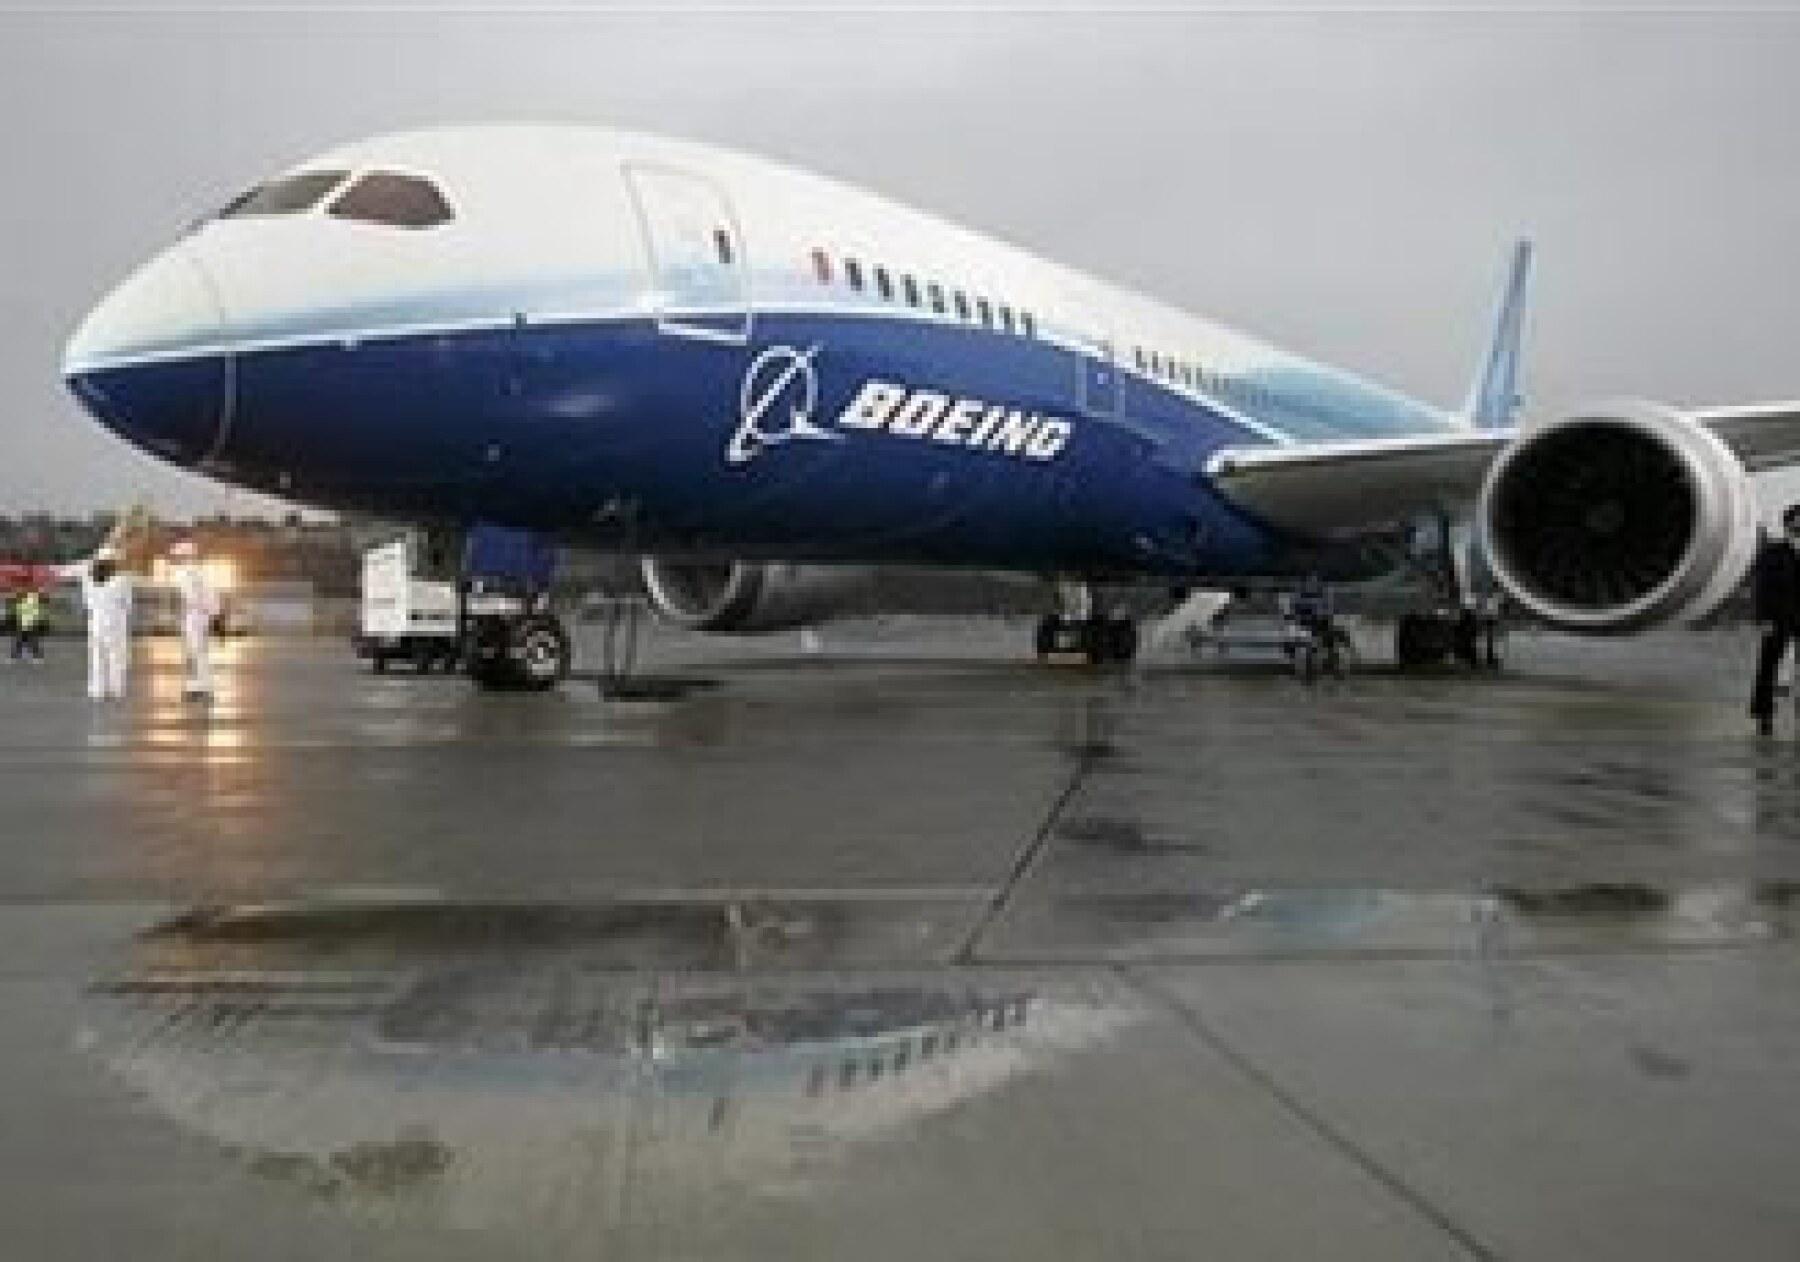 Boeing espera autorización para volar de nuevo su modelo 737 MAX